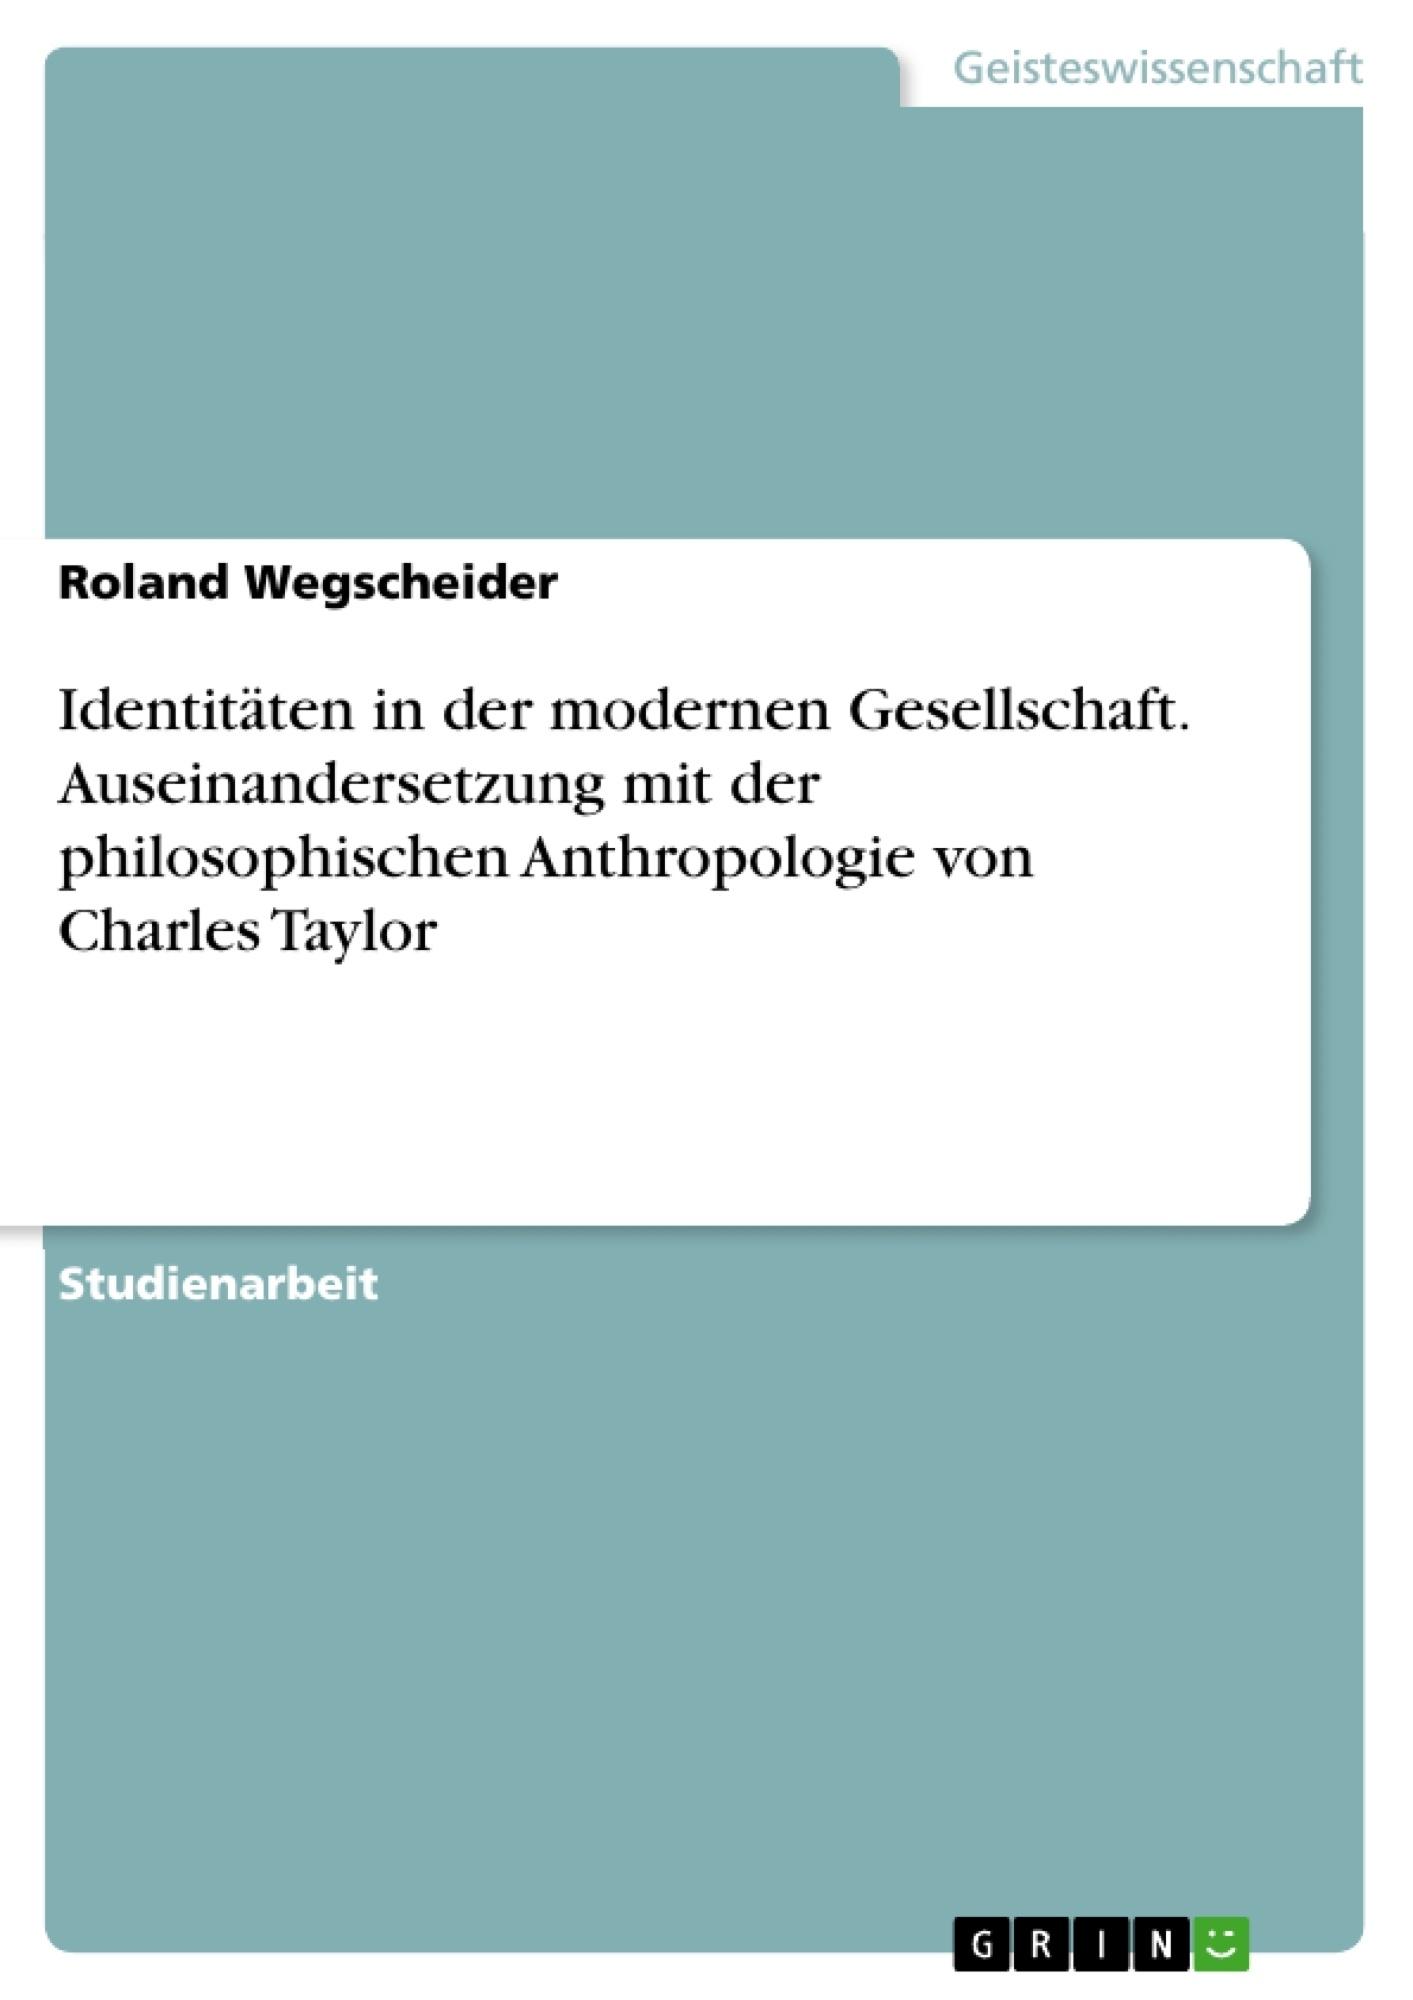 Titel: Identitäten in der modernen Gesellschaft. Auseinandersetzung mit der philosophischen Anthropologie von Charles Taylor